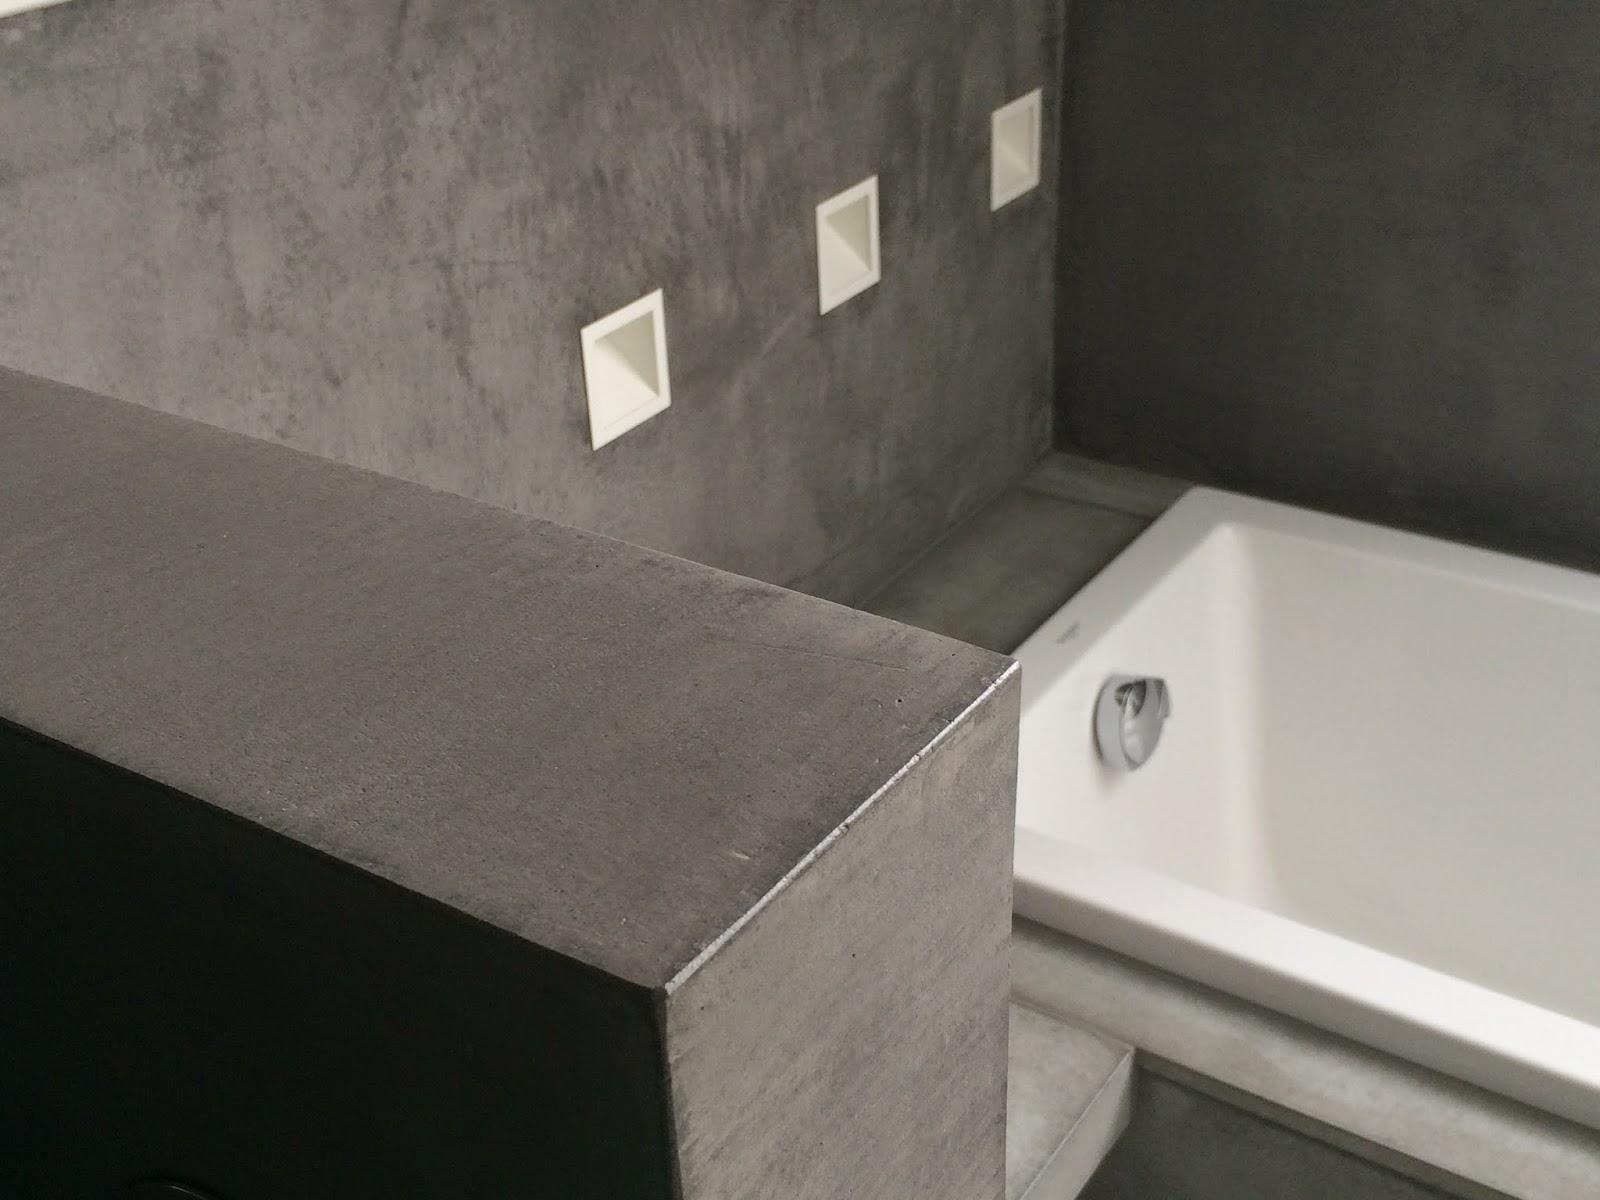 Betonfußboden Im Bad ~ Sichtbeton im badezimmer beton streichen verwunderlich badezimmer